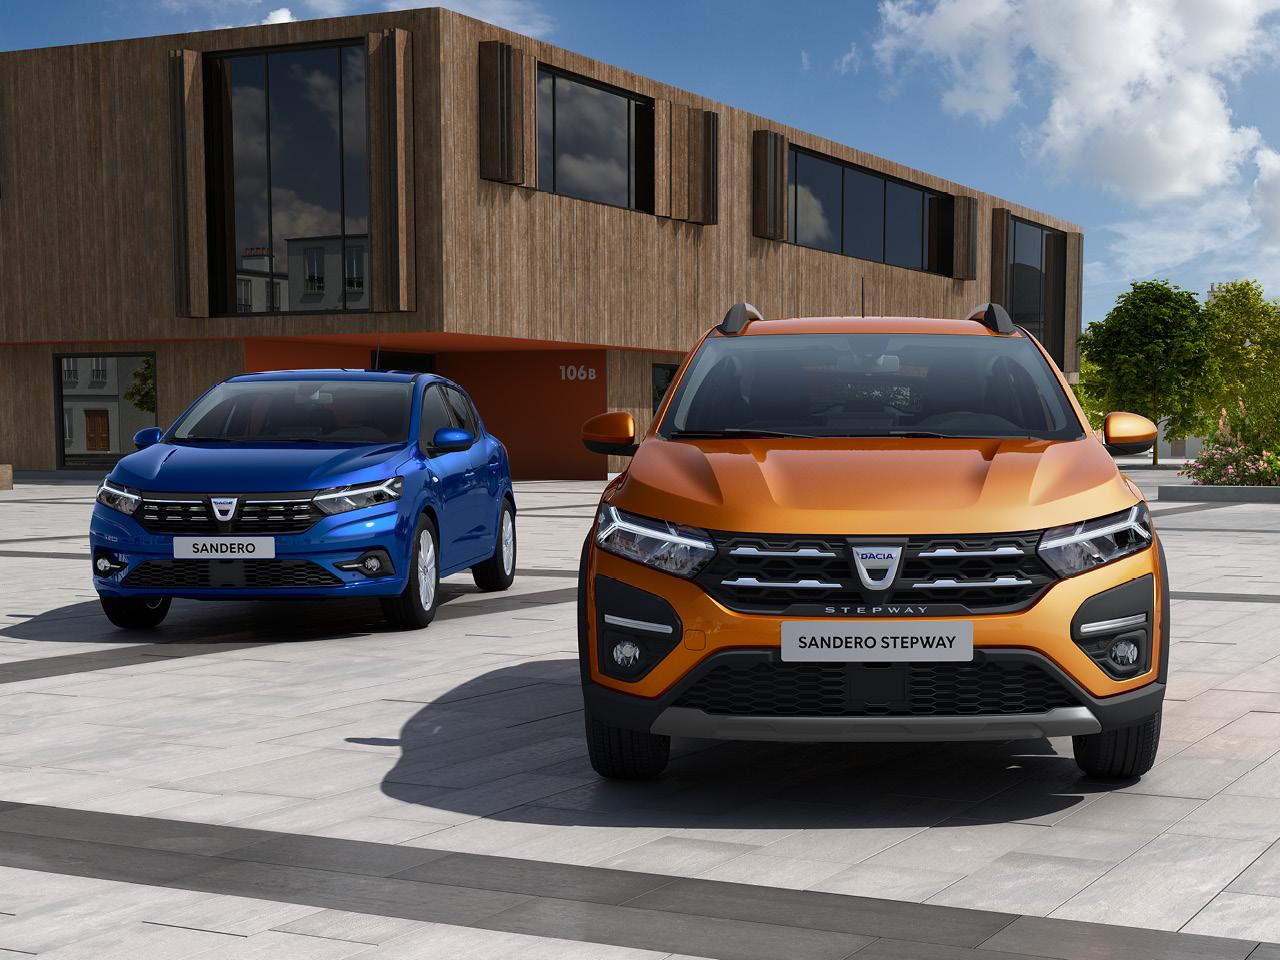 Uusi Dacia Sandero ja Sandero Stepway nyt myynnissä